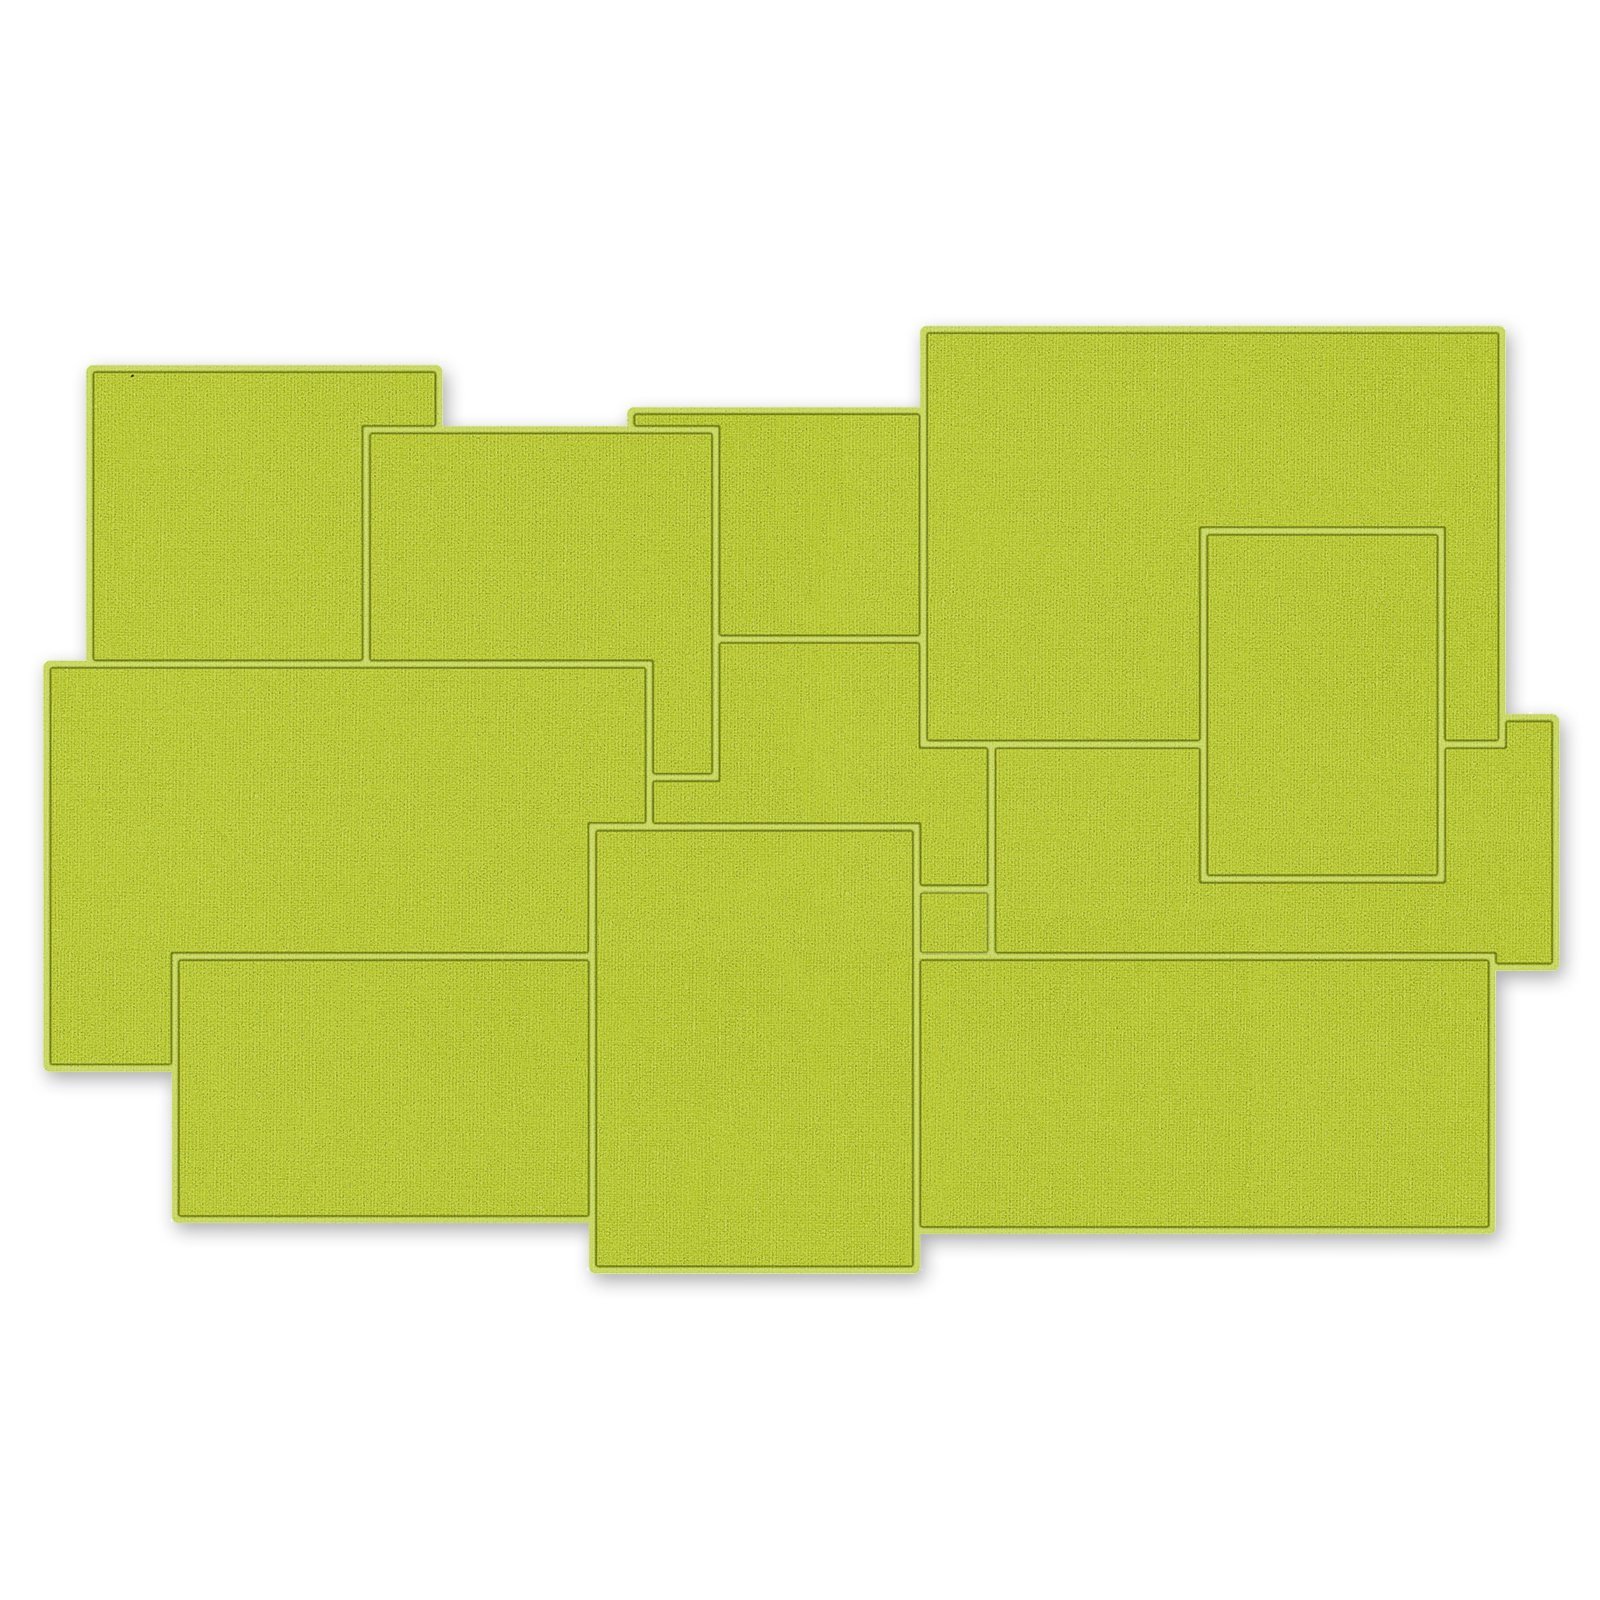 allzweckmatte silverline gr n 80x50 cm badteppiche matten badtextilien bad. Black Bedroom Furniture Sets. Home Design Ideas